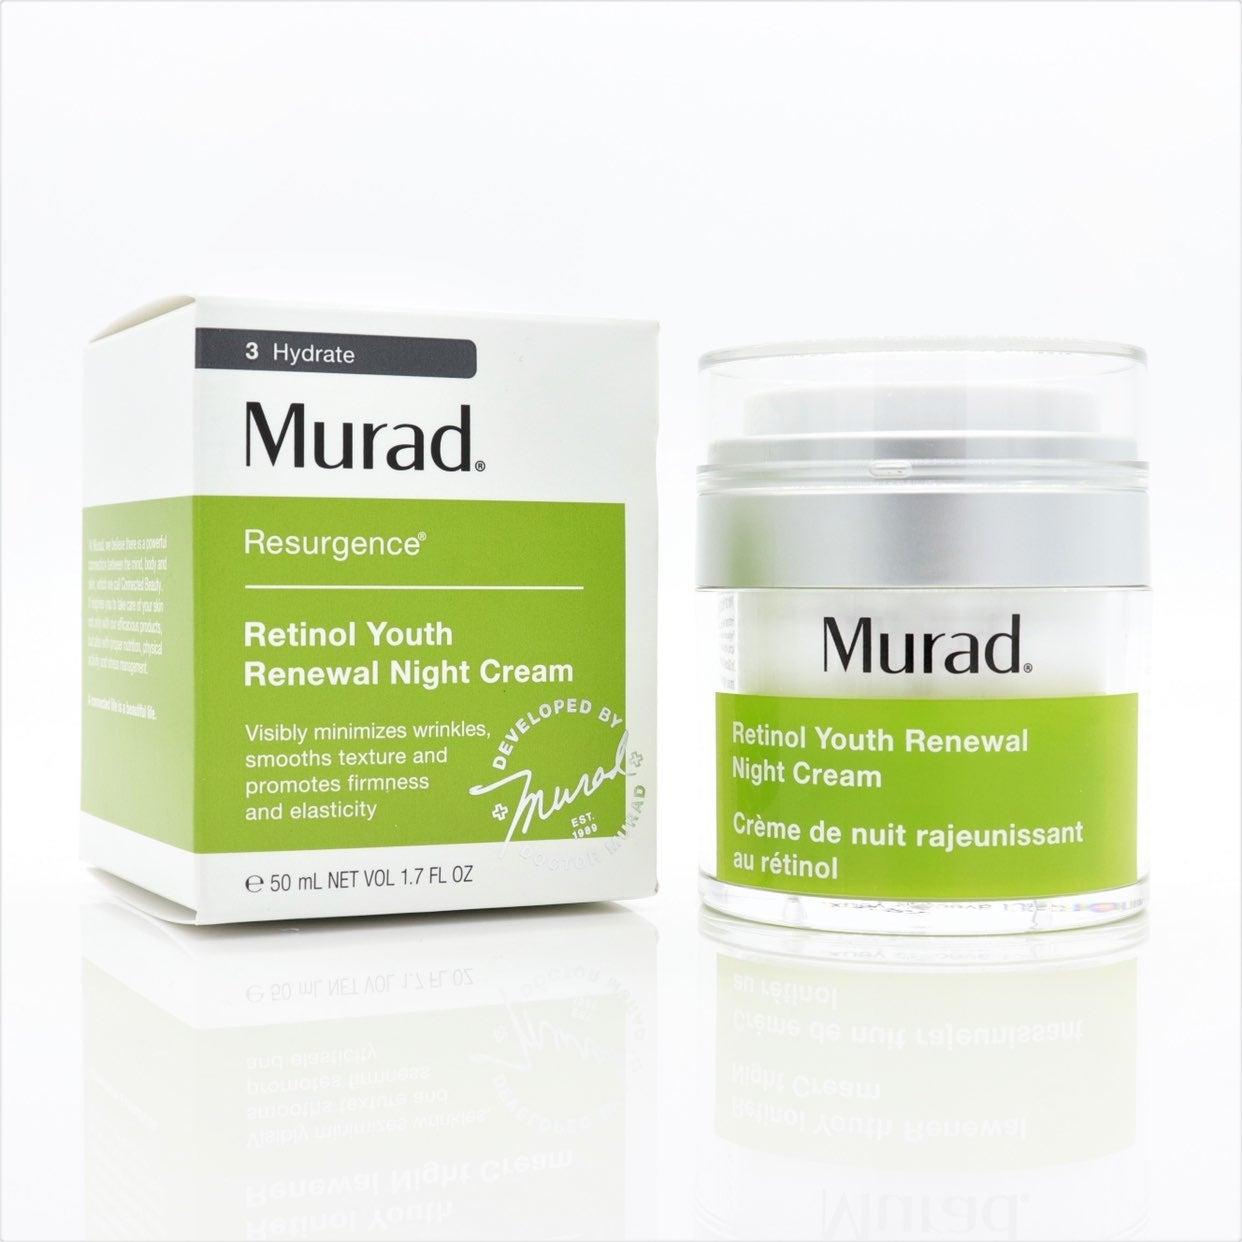 Murad retinol youth renewal cream